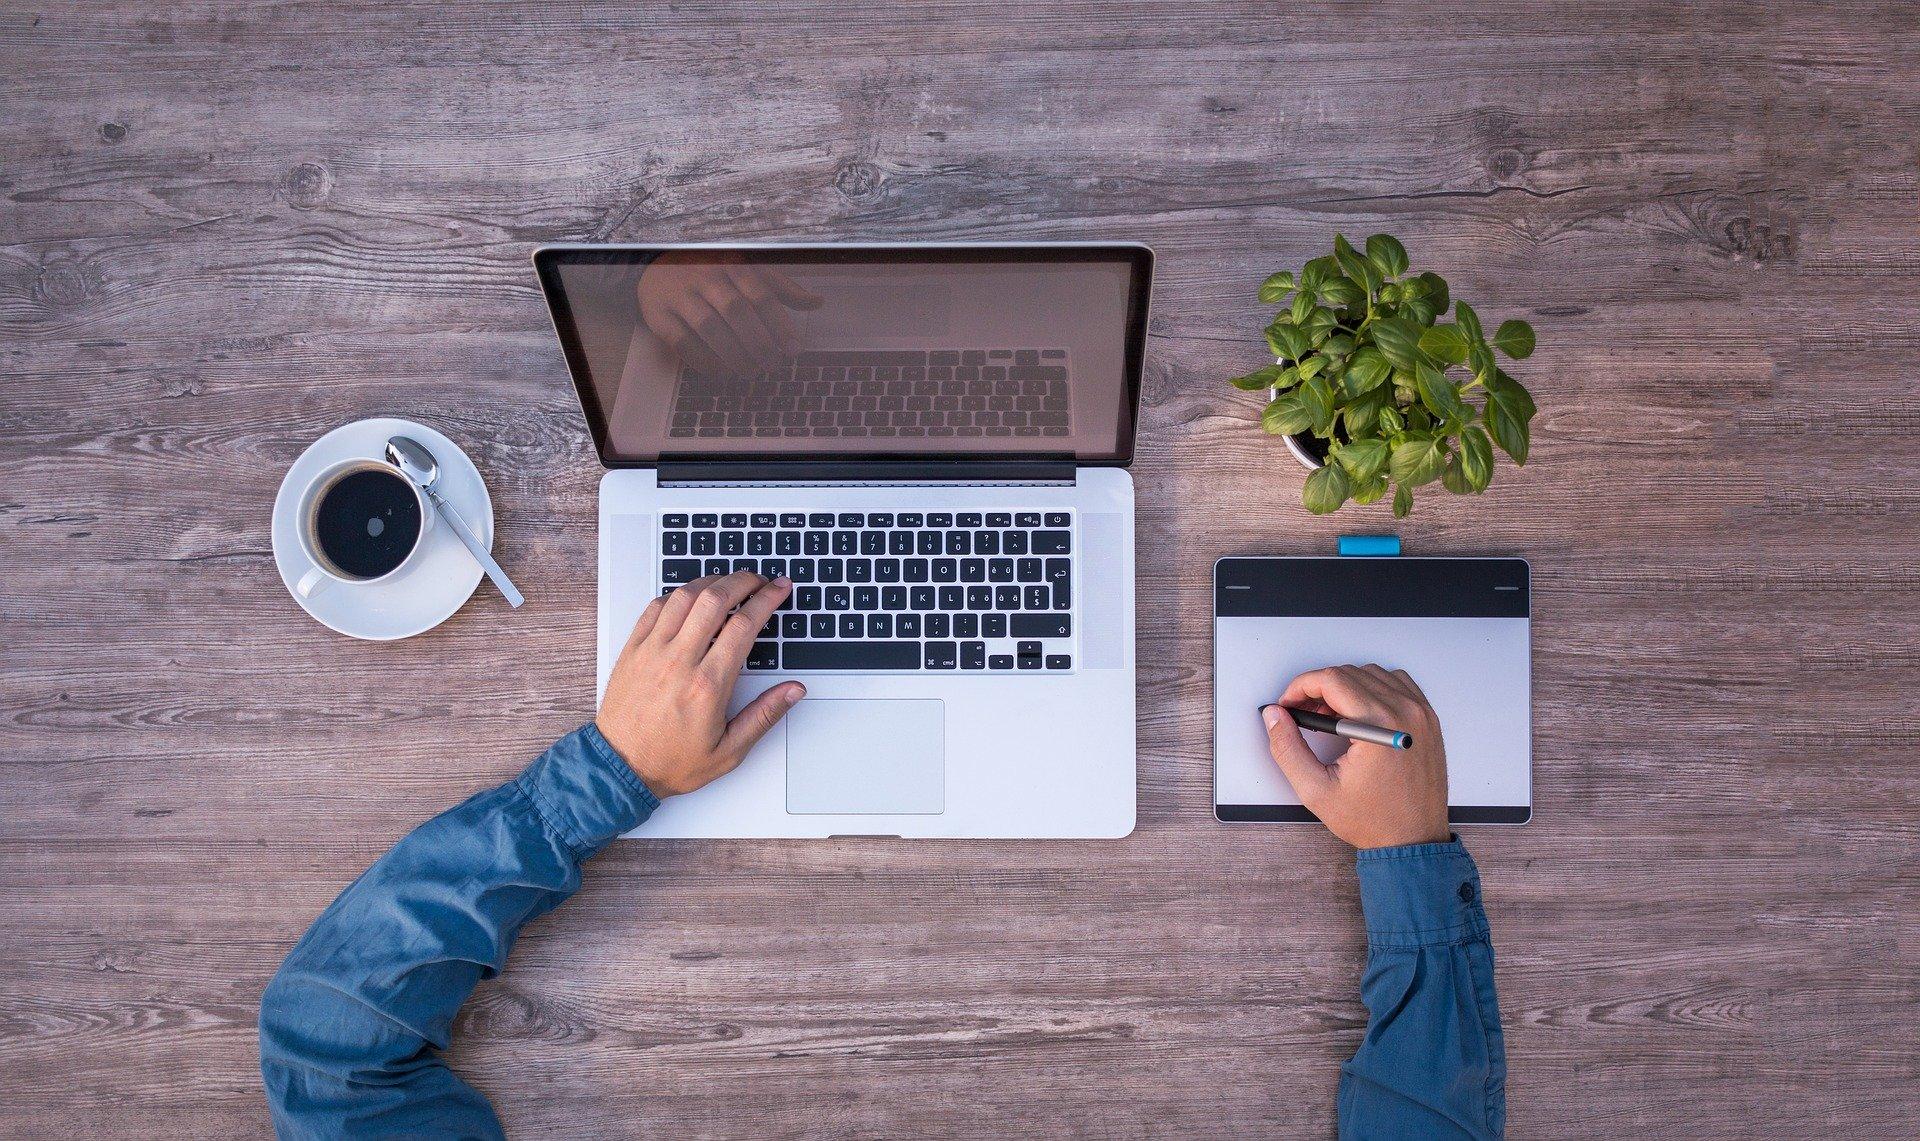 Créer un site internet qui rapporte de l'argent : comment faire ?